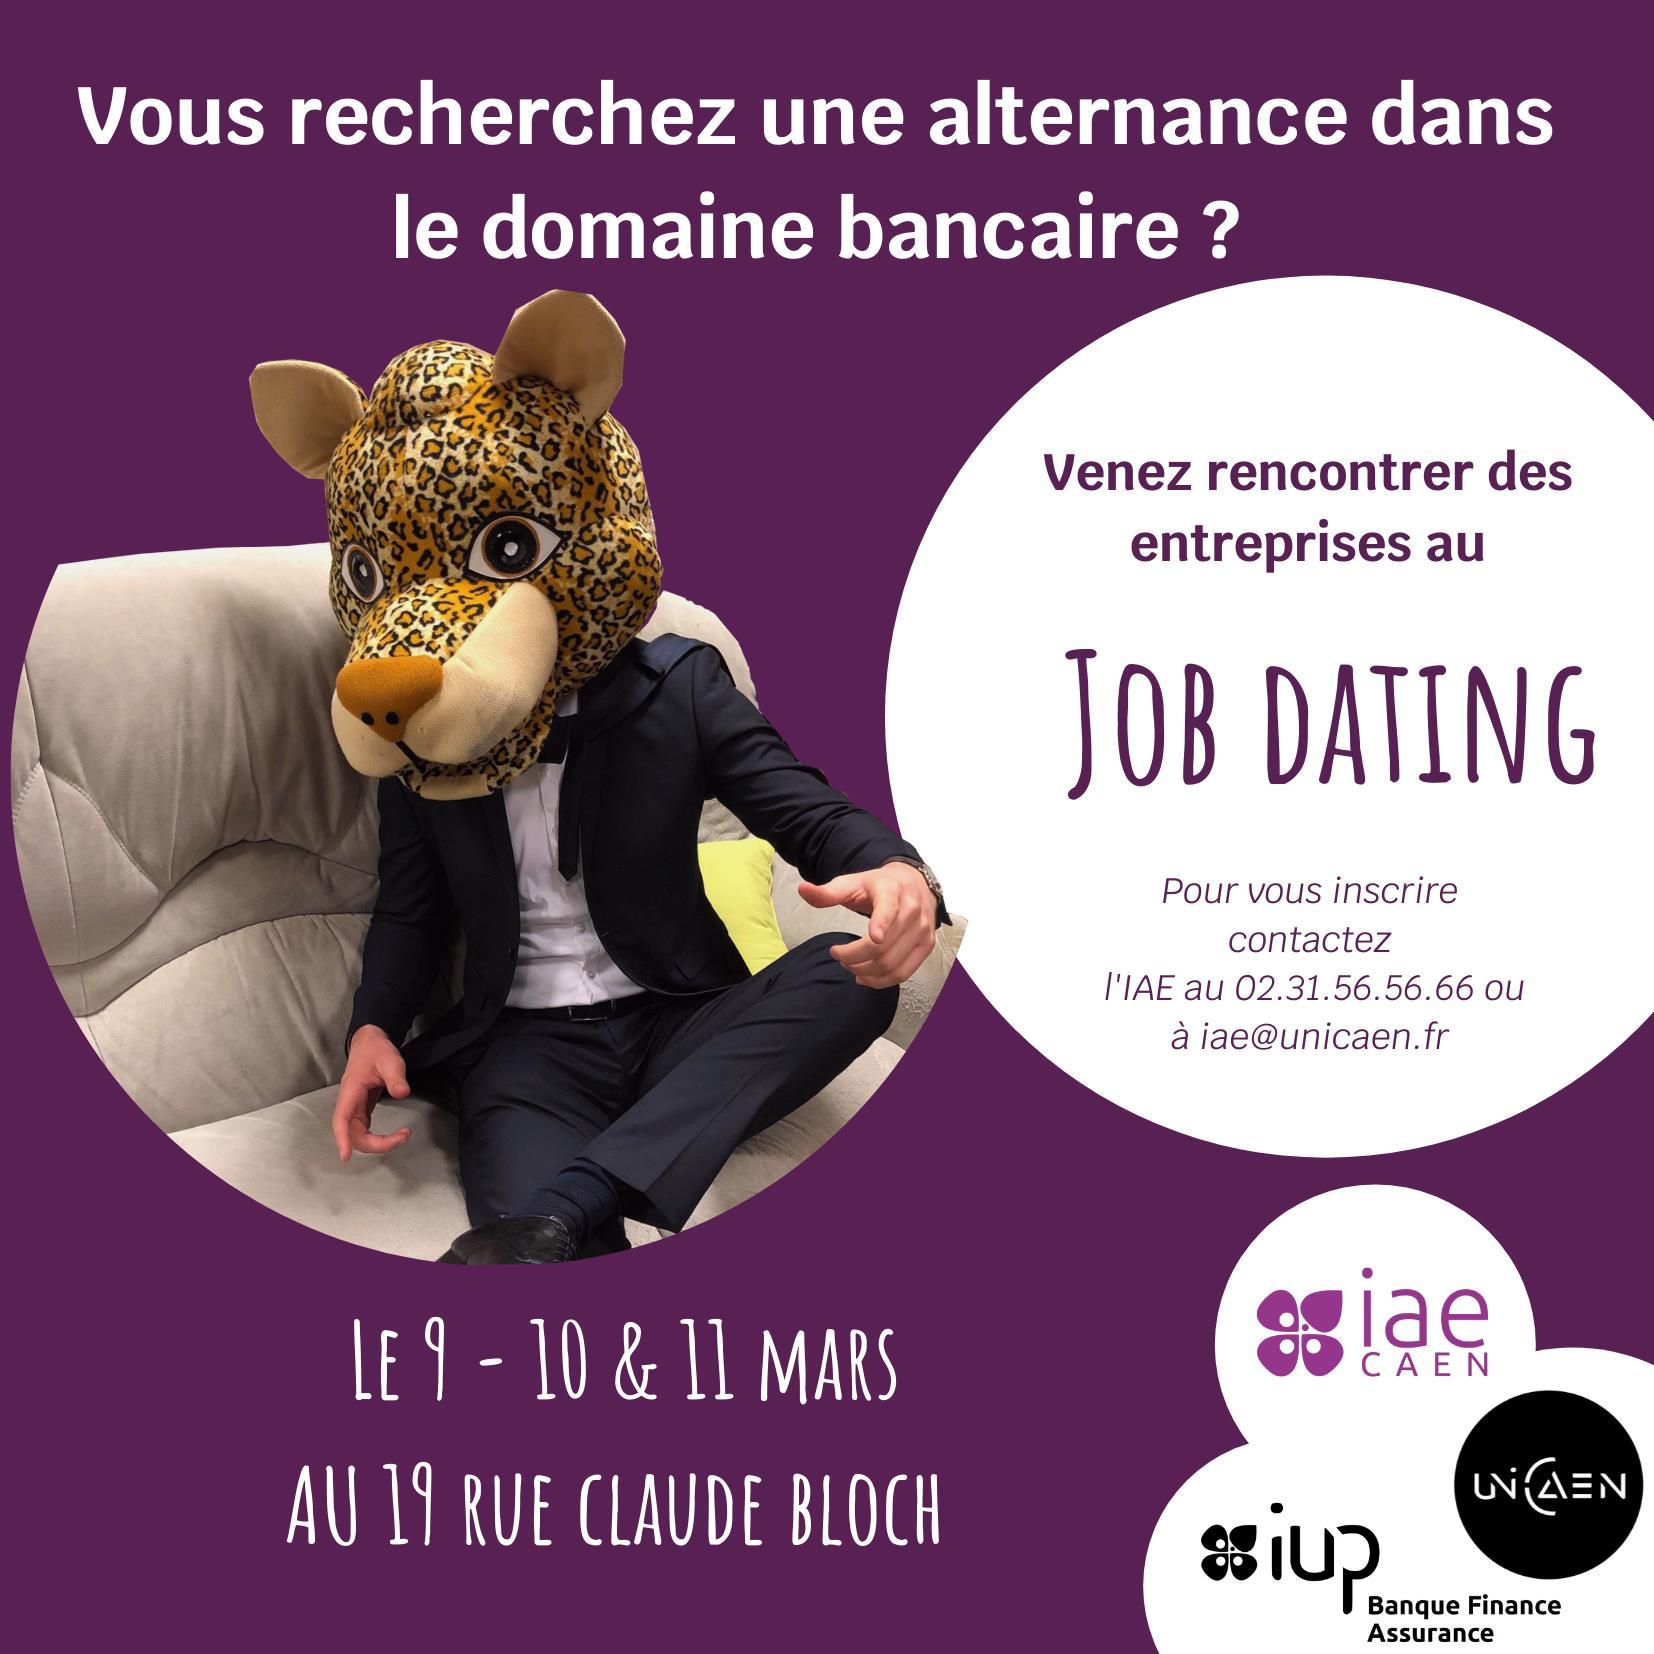 Job dating Filière Banque, Finance, Assurance